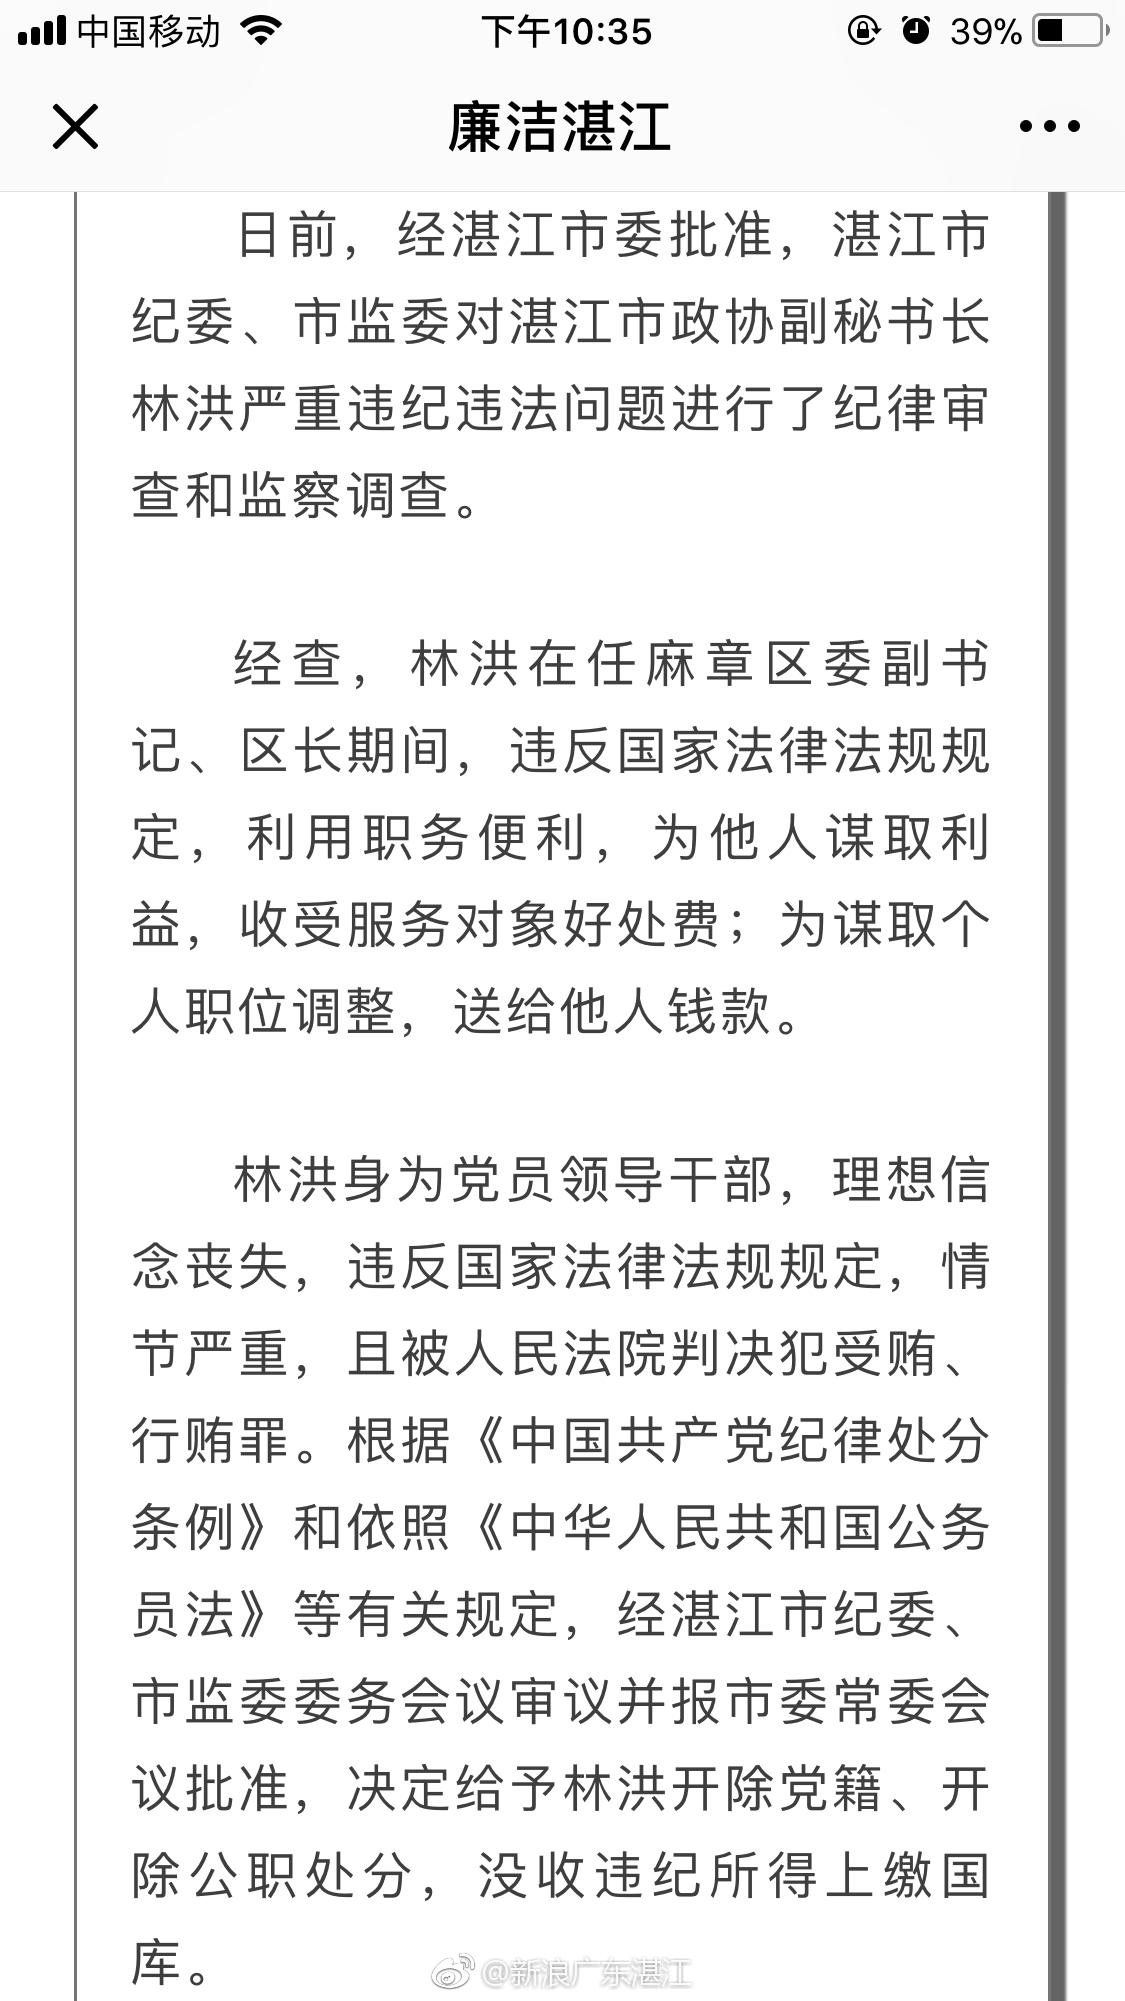 湛江市政协副秘书长林洪严重违纪违法被开除党籍和公职图片